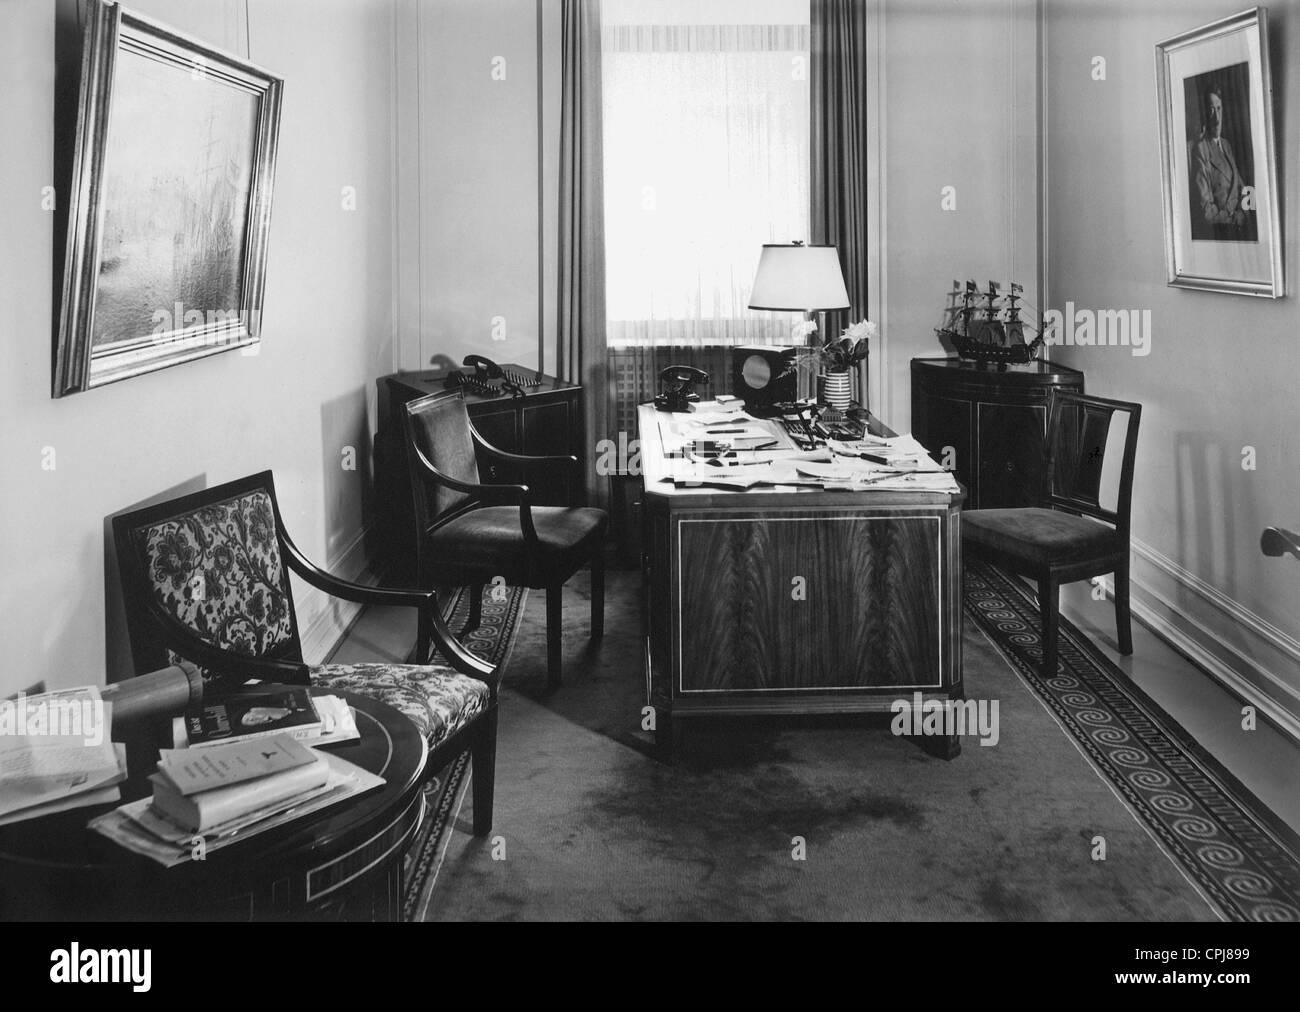 Innenraum der reichskanzlei 1939 stockfoto bild for Innenraum design berlin